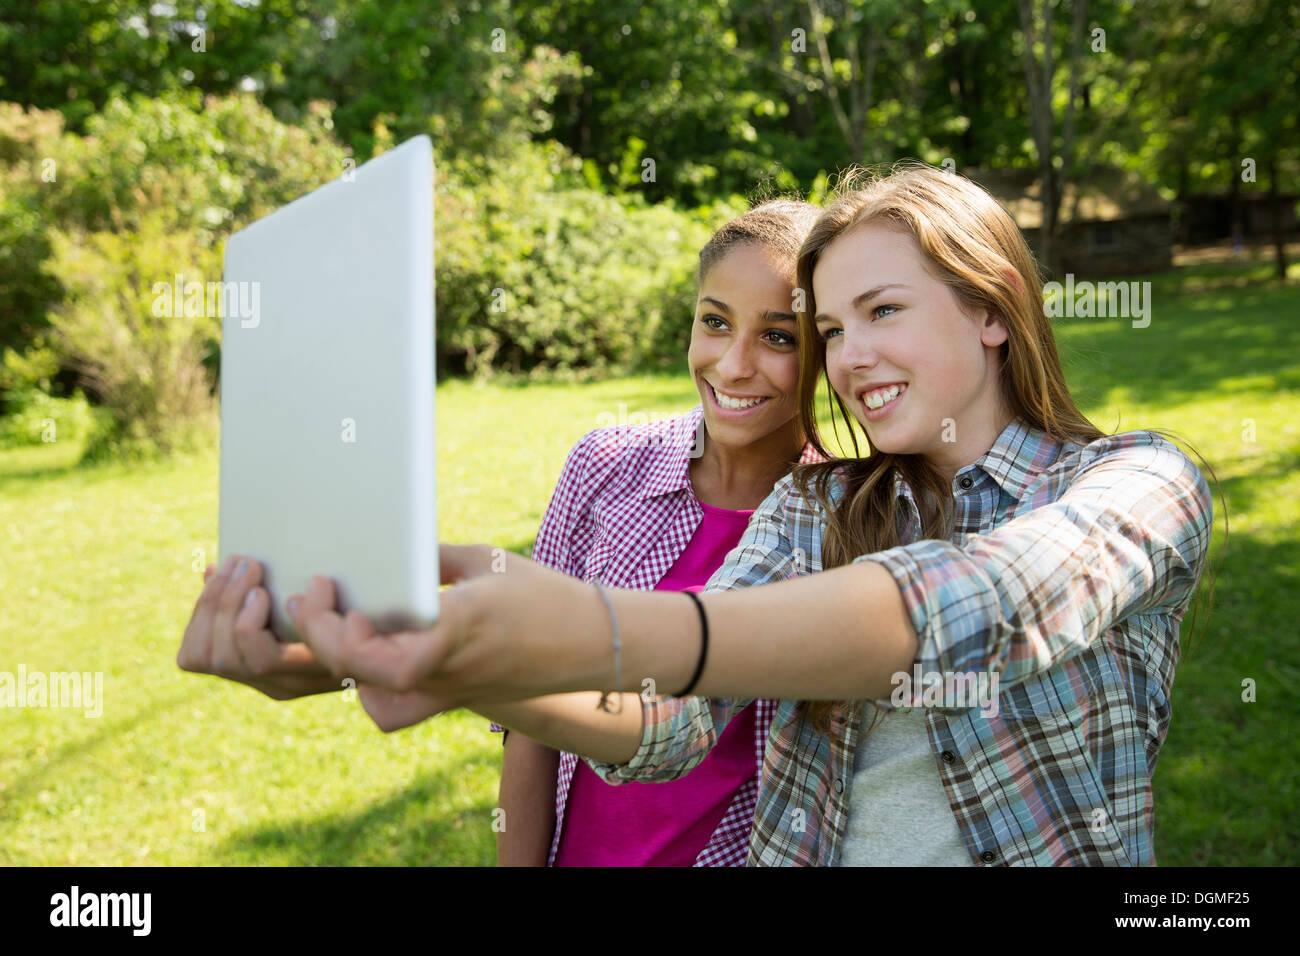 Due ragazze seduti all'aperto su un banco di lavoro, usando una tavoletta digitale. Tenendolo fuori a un braccio di lunghezza. Immagini Stock